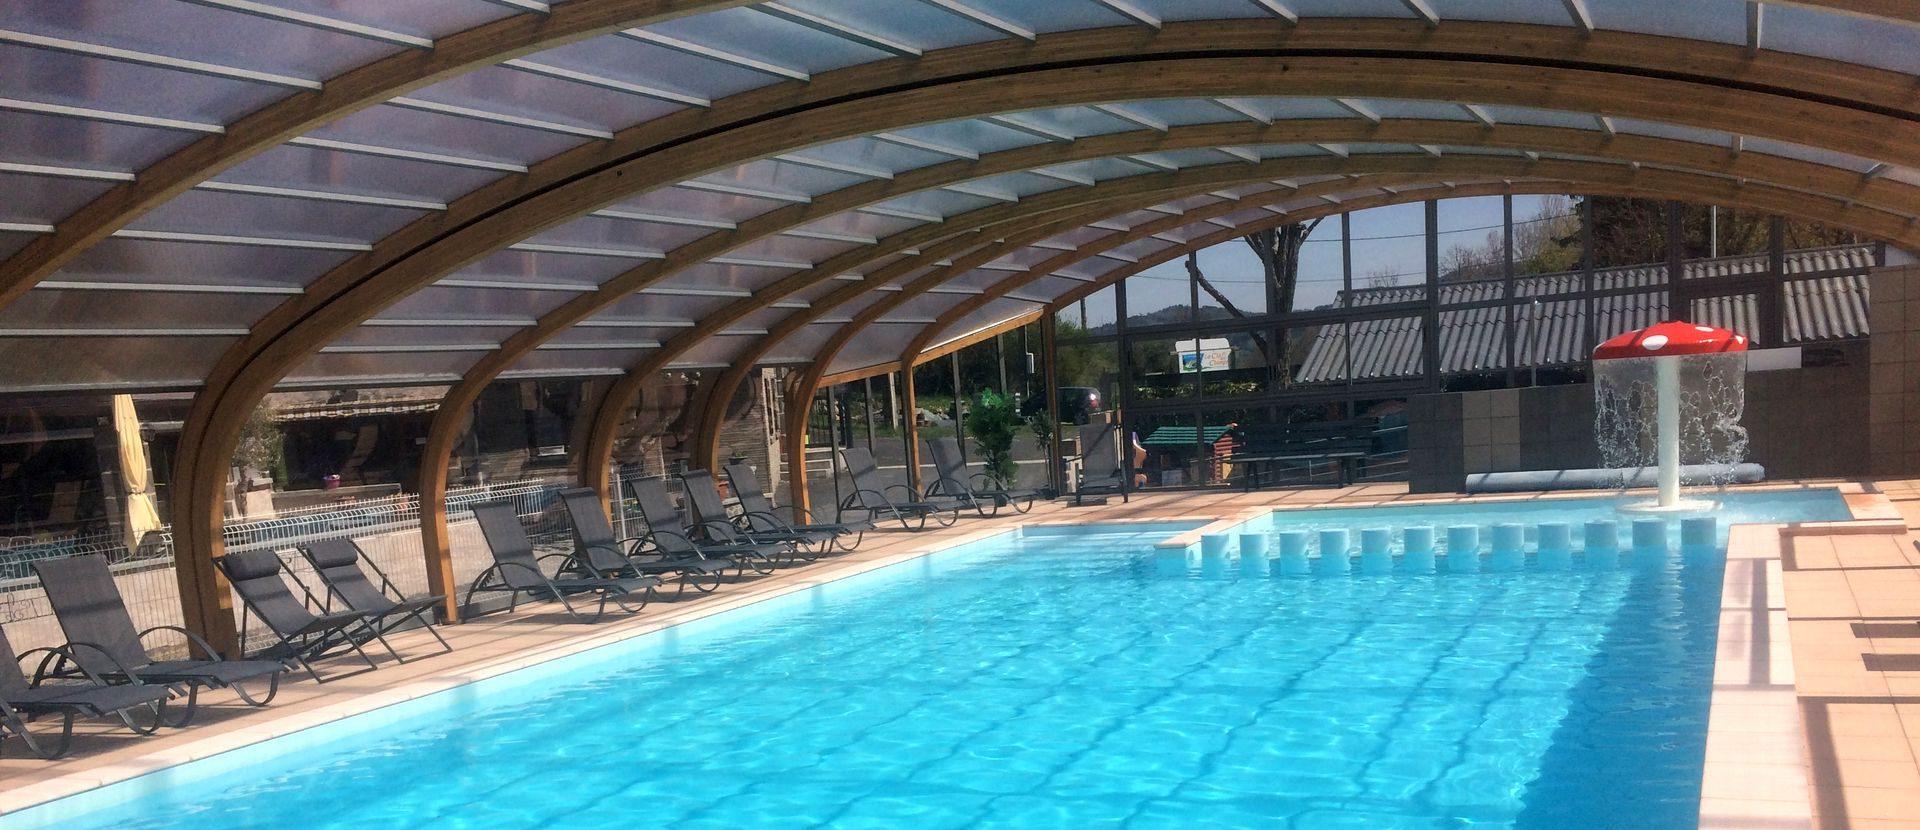 Camping Auvergne - Camping La Cle Des Champs **** - Saint ... intérieur Camping Auvergne Piscine